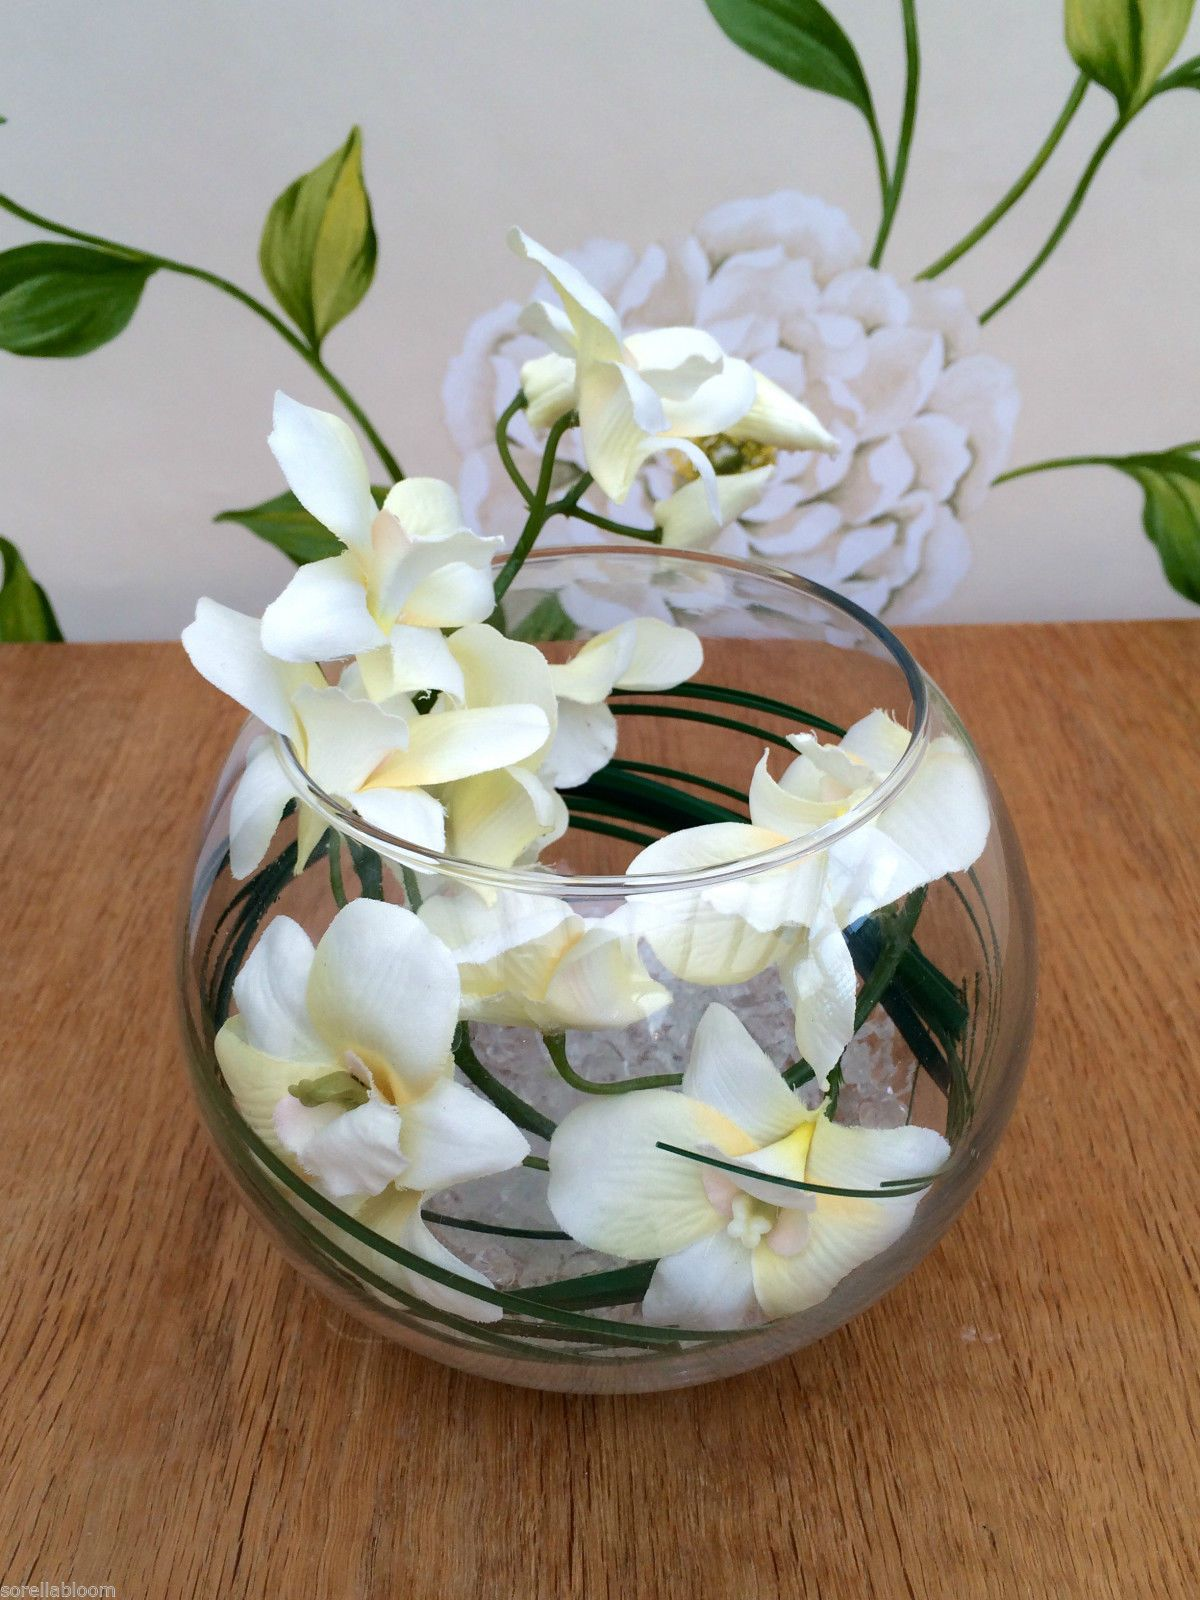 Stunning cream orchid & grass artificial flower